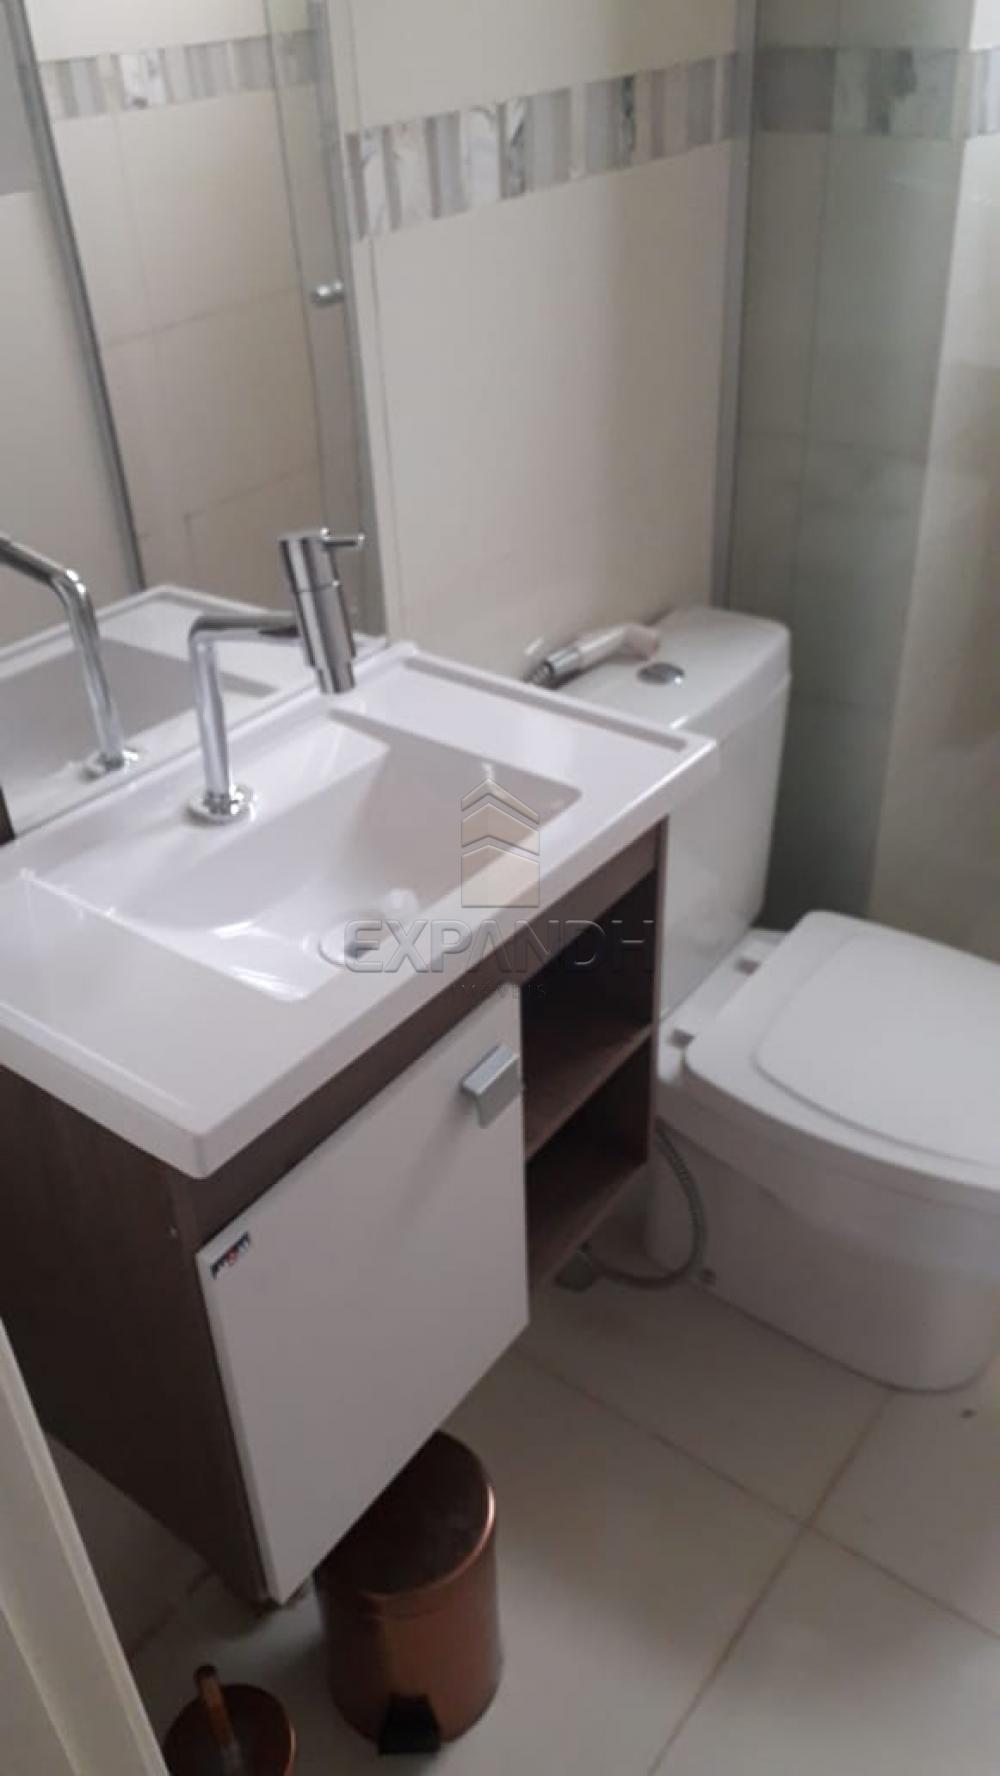 Comprar Apartamentos / Padrão em Sertãozinho R$ 135.000,00 - Foto 6